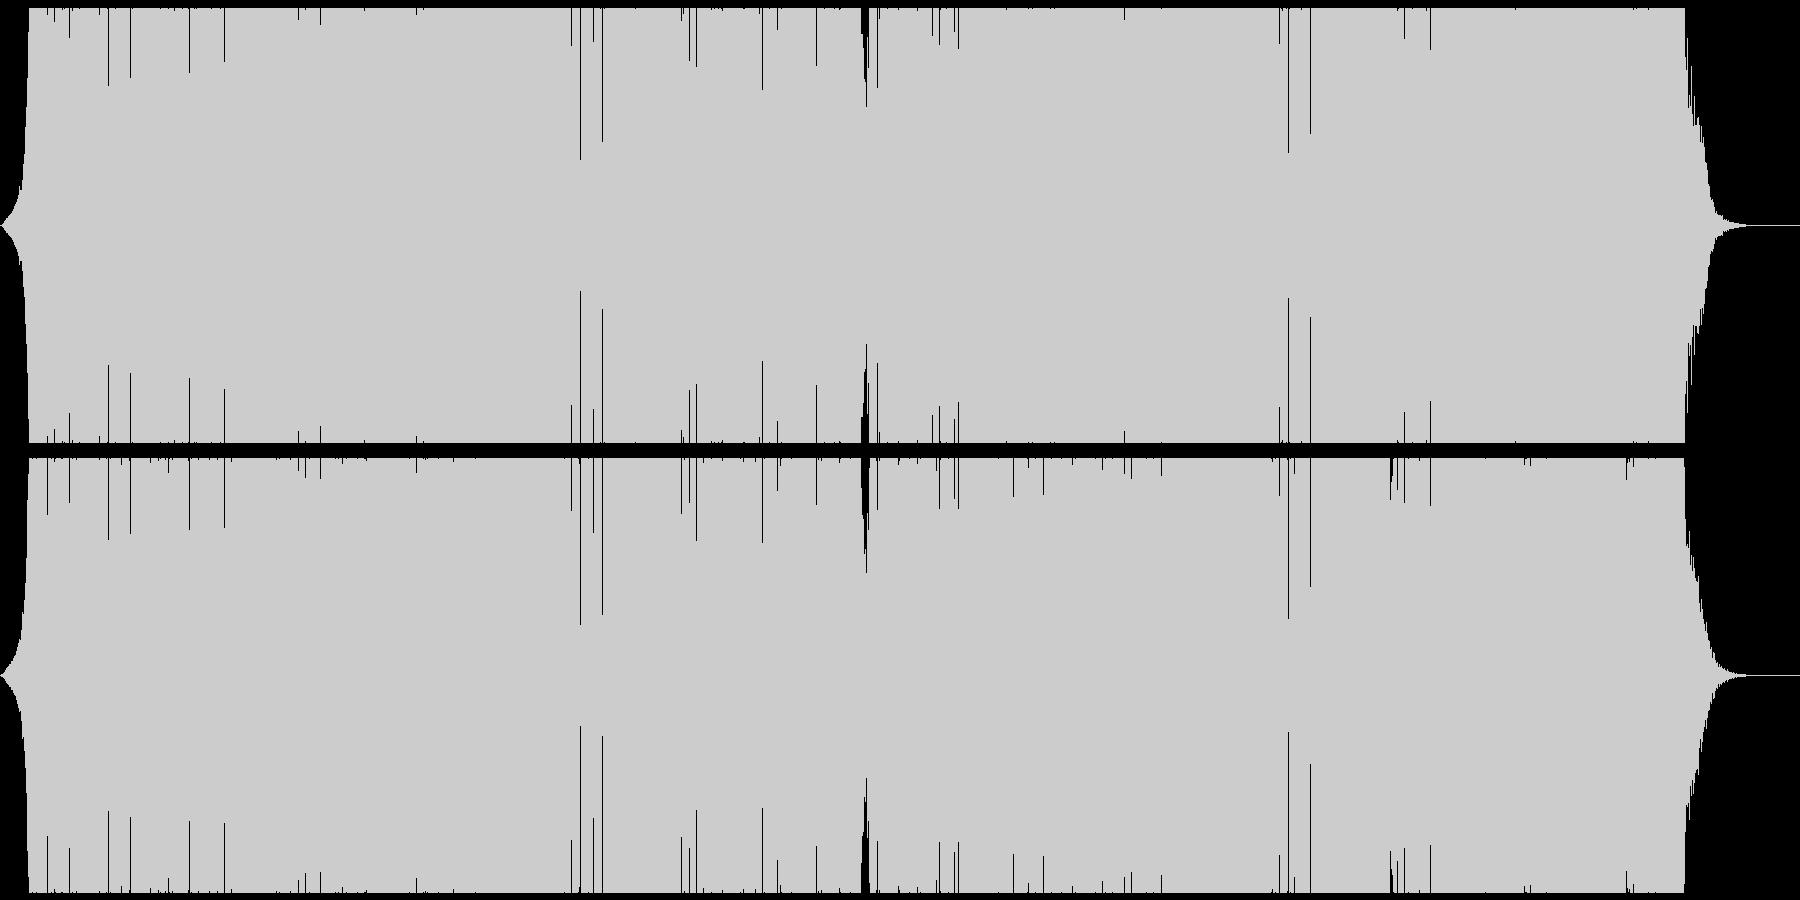 アグレッシブなシンセが躍動するEDMの未再生の波形